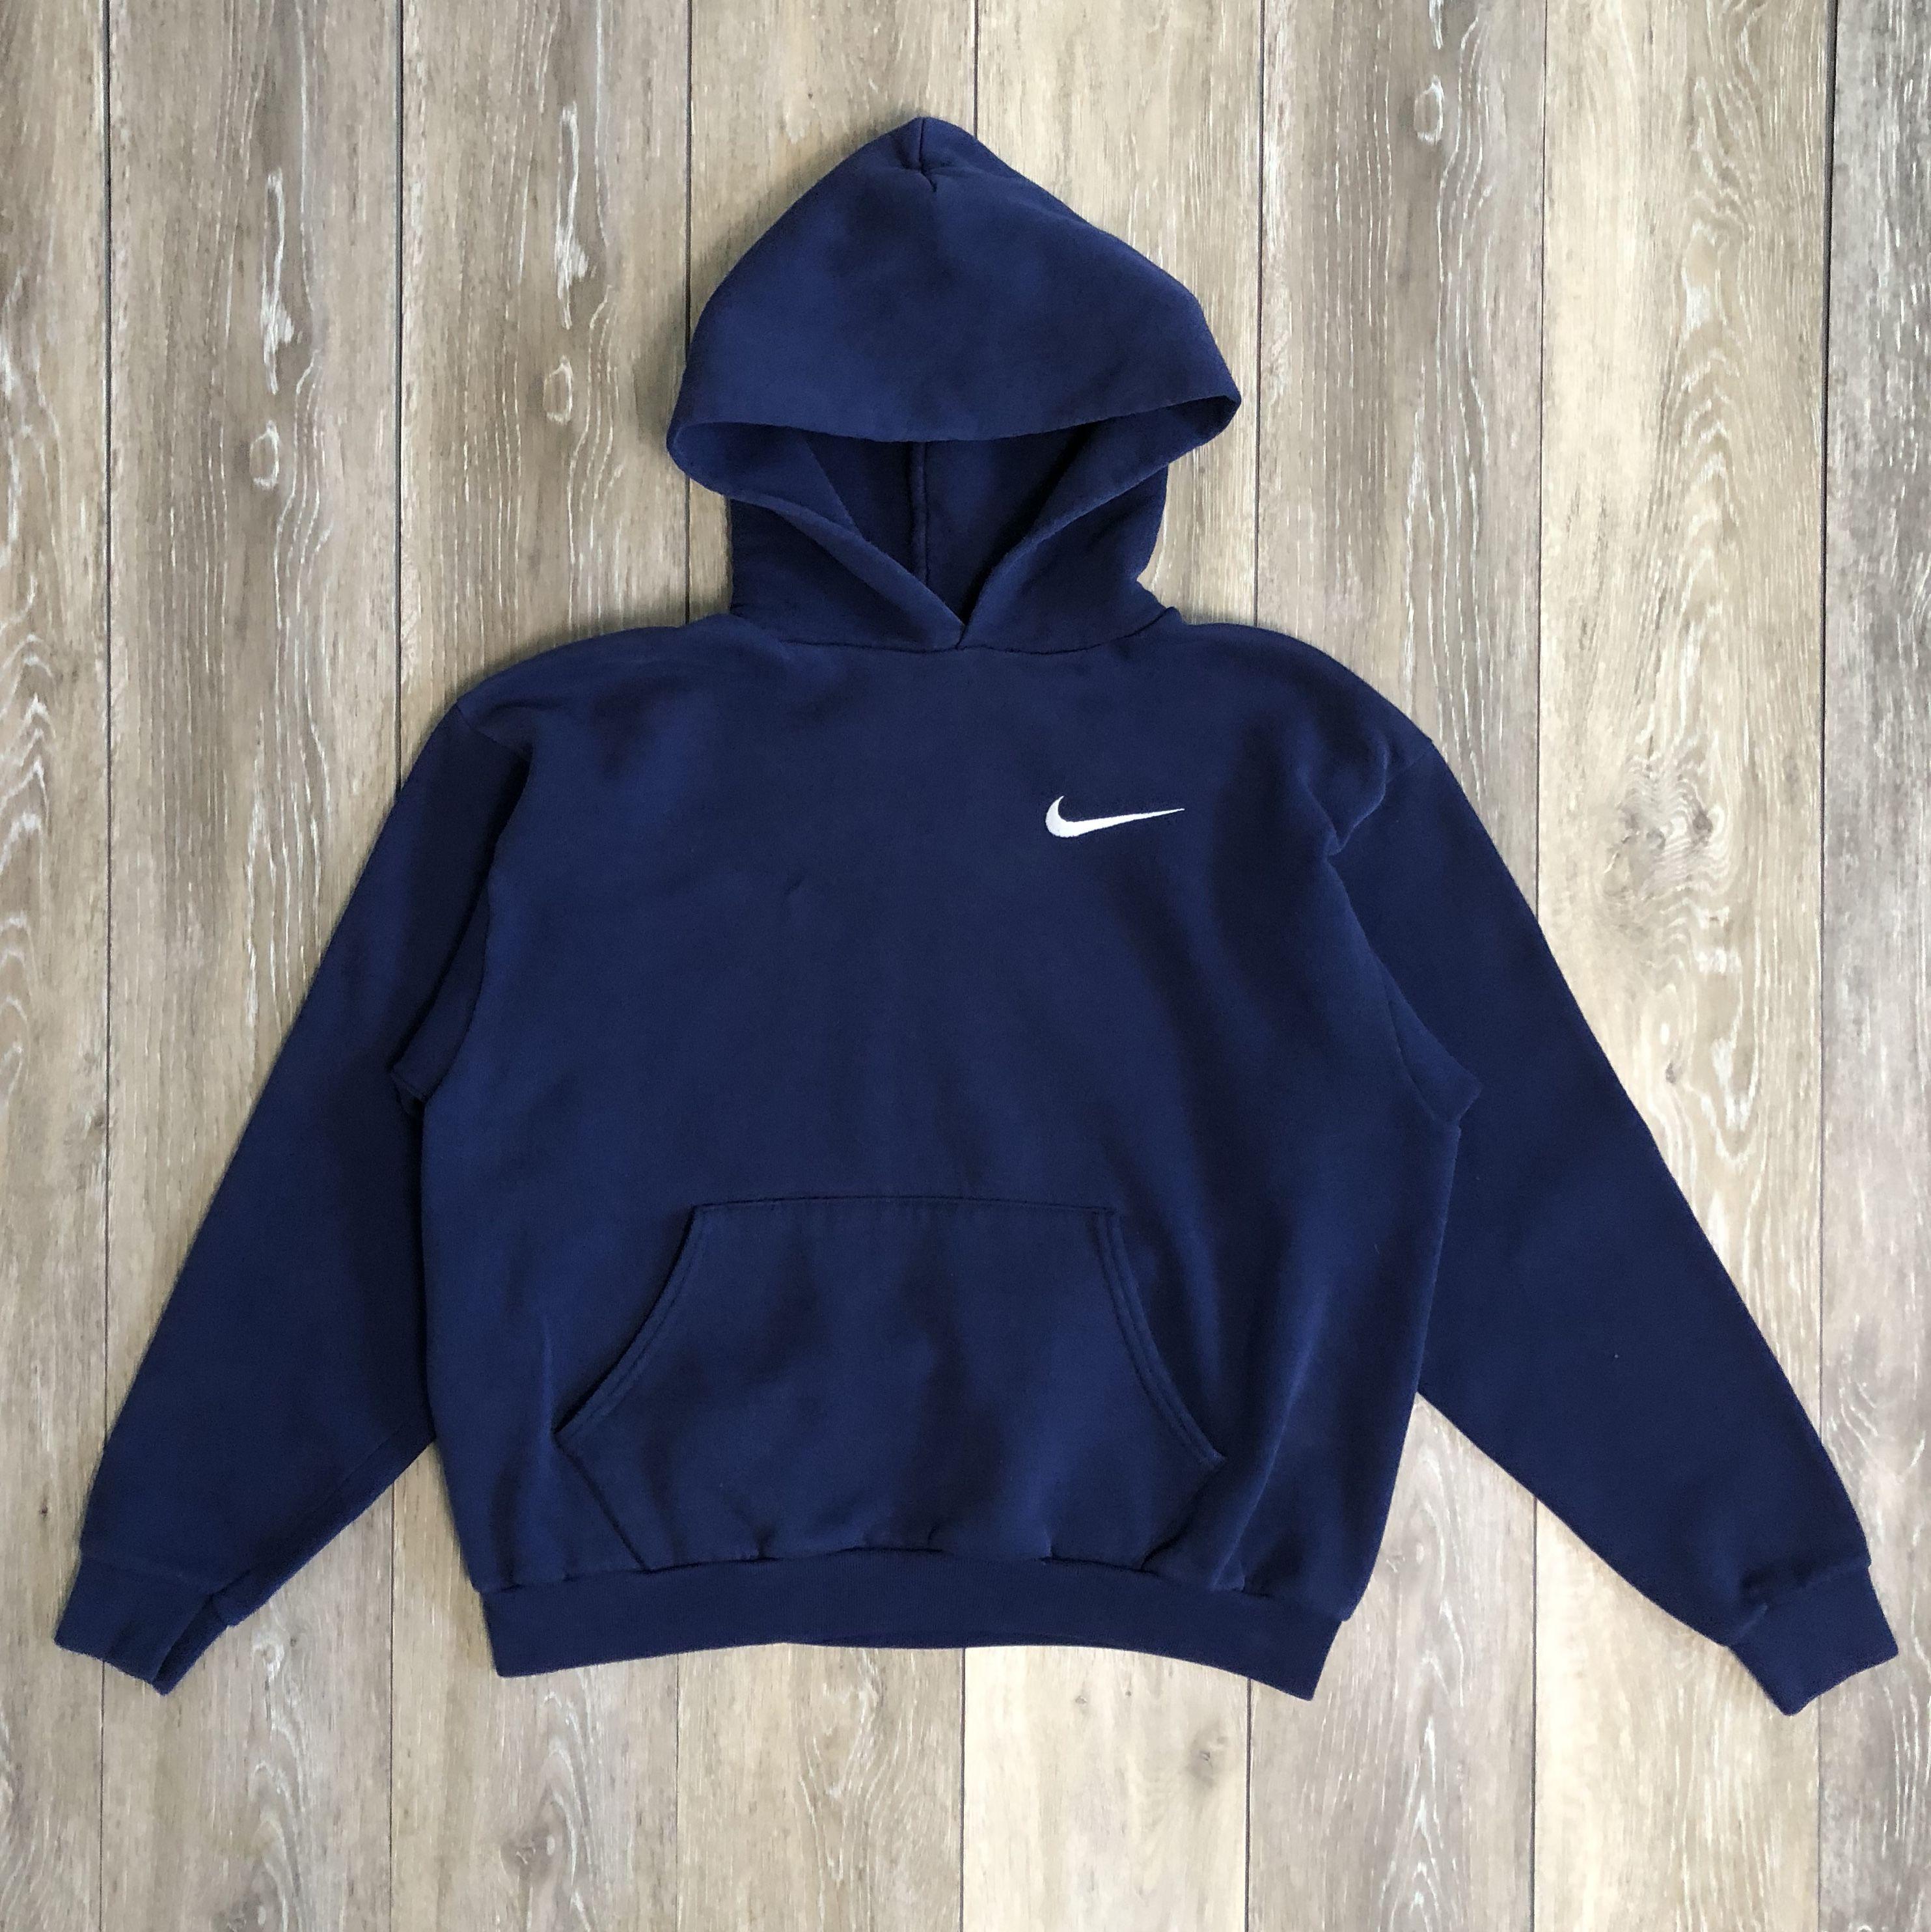 90s Vintage Dark Blue Nike Pullover Hoodie Depop Nike Pullover Hoodies Pullovers Outfit [ 2968 x 2967 Pixel ]